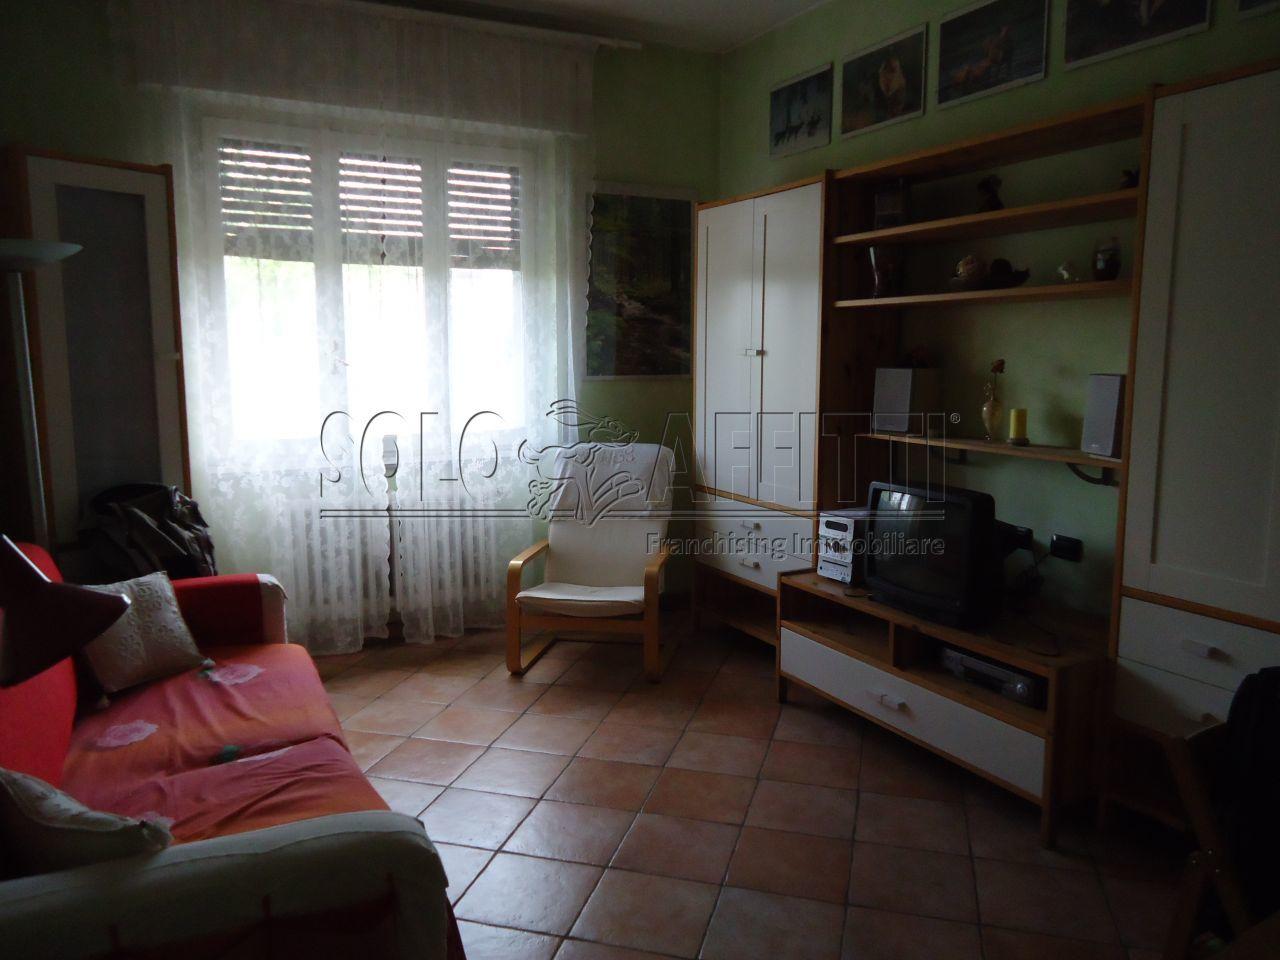 Bilocale Rozzano Via Bergamo 4 4